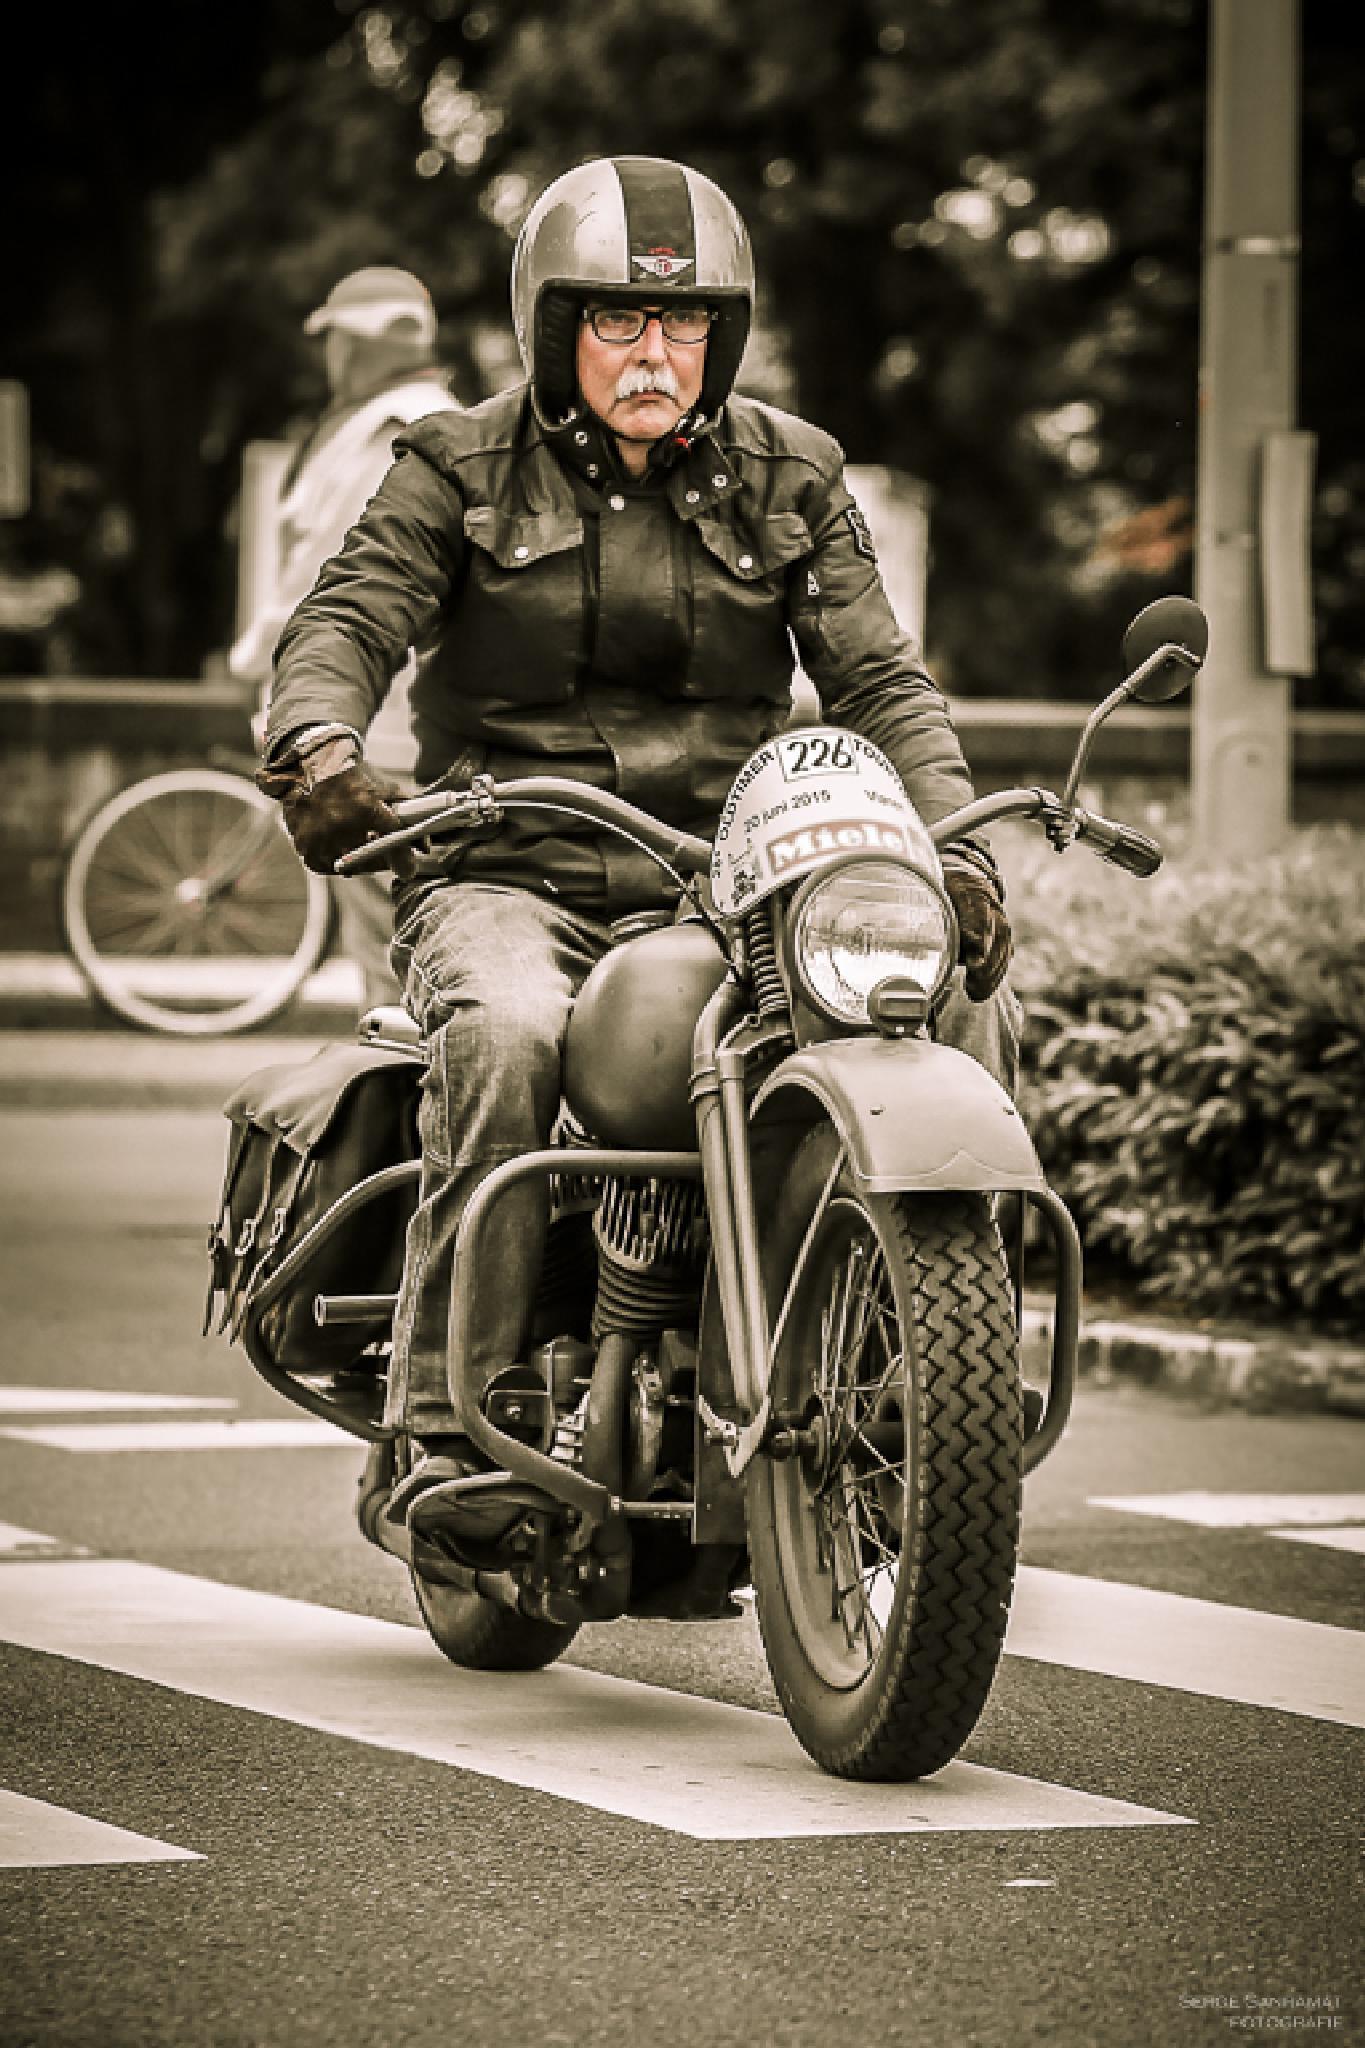 Racing Biker Senior by Serge